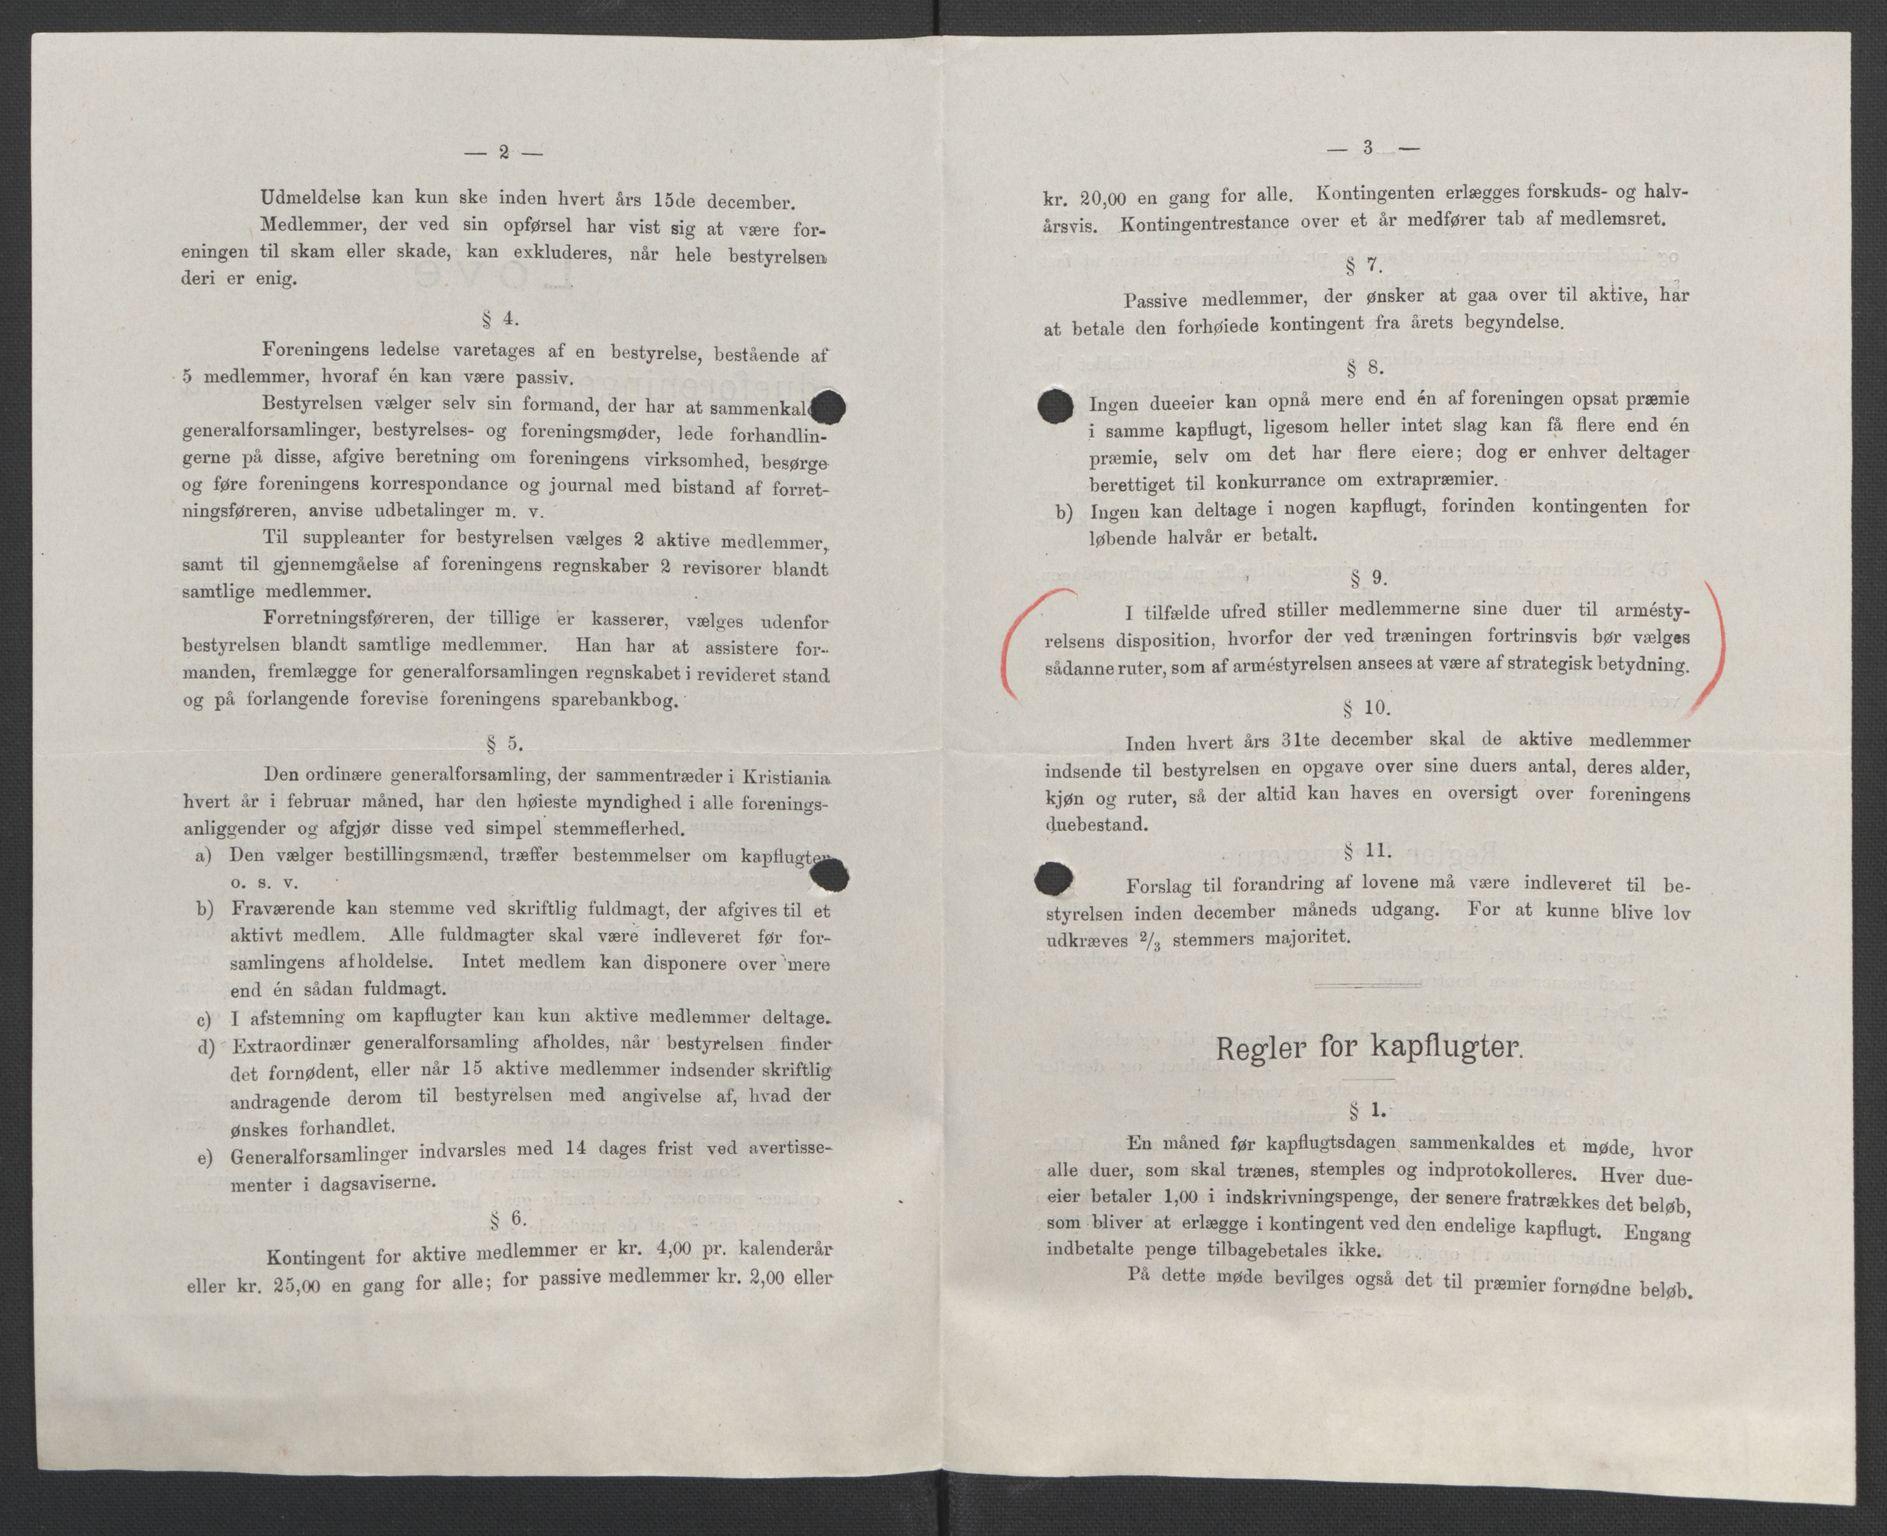 RA, Arbeidskomitéen for Fridtjof Nansens polarekspedisjon, D/L0003: Innk. brev og telegrammer vedr. proviant og utrustning, 1893, s. 141